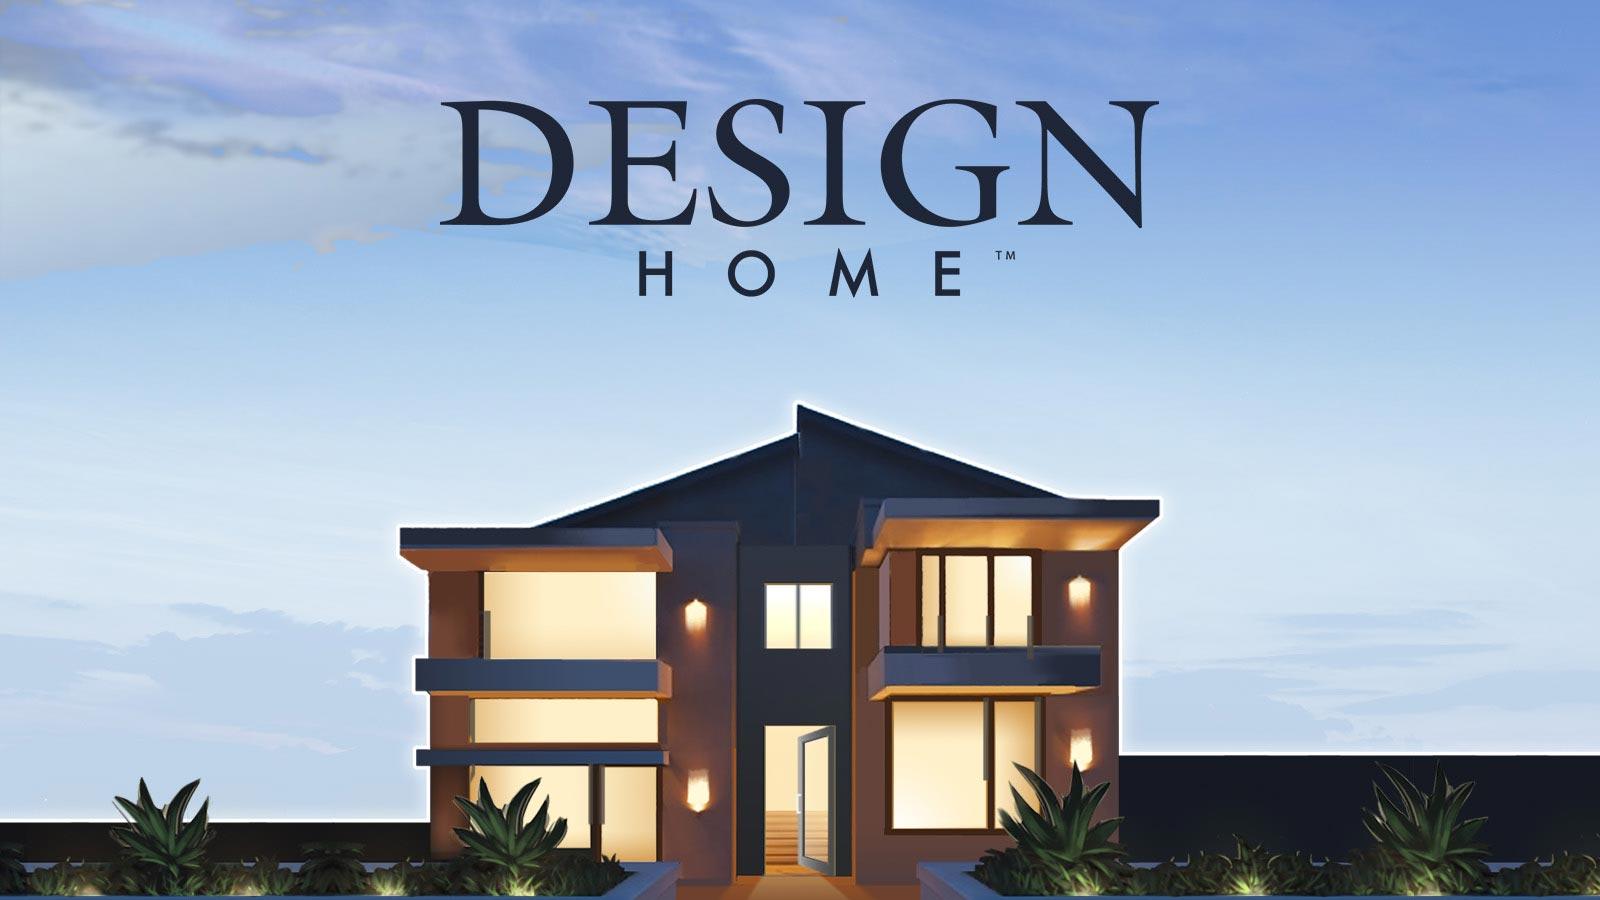 Charmant Design Home | Glu